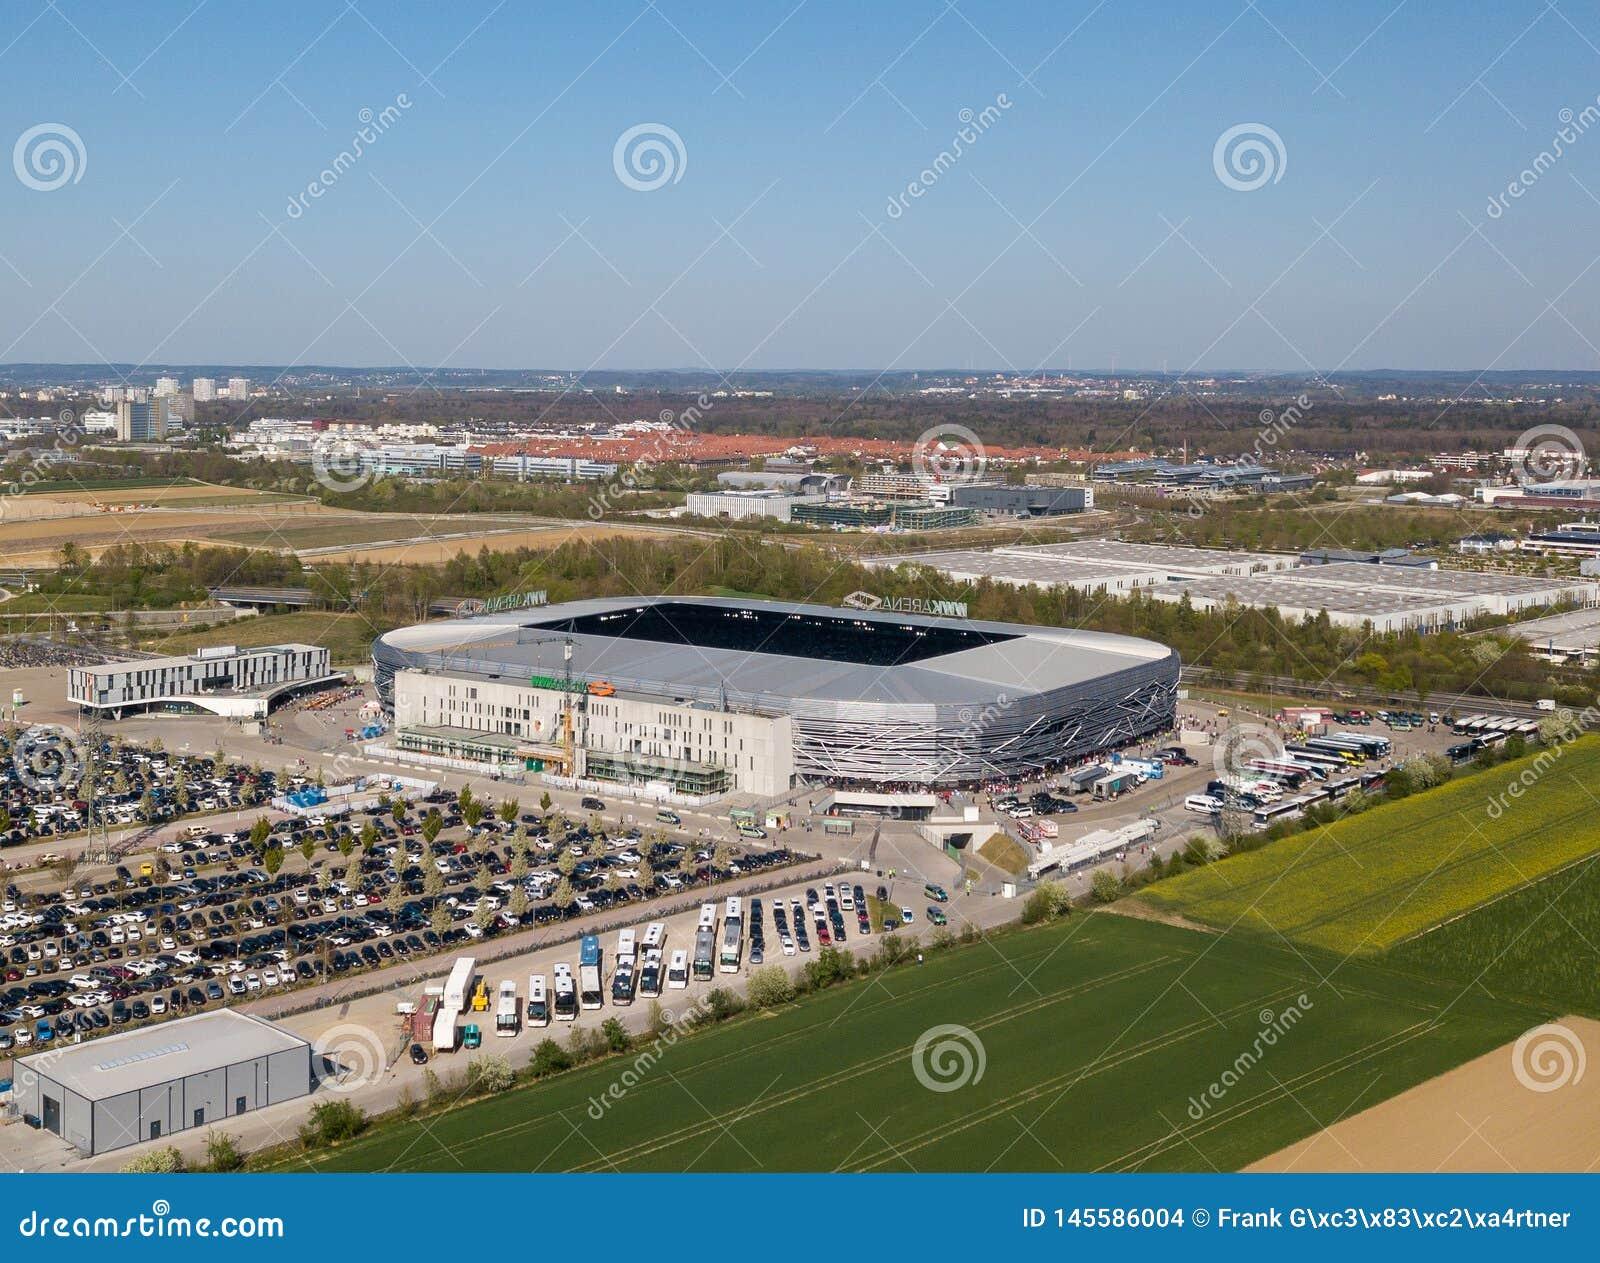 Arena de WWK - el estadio de fútbol oficial del FC Augsburg